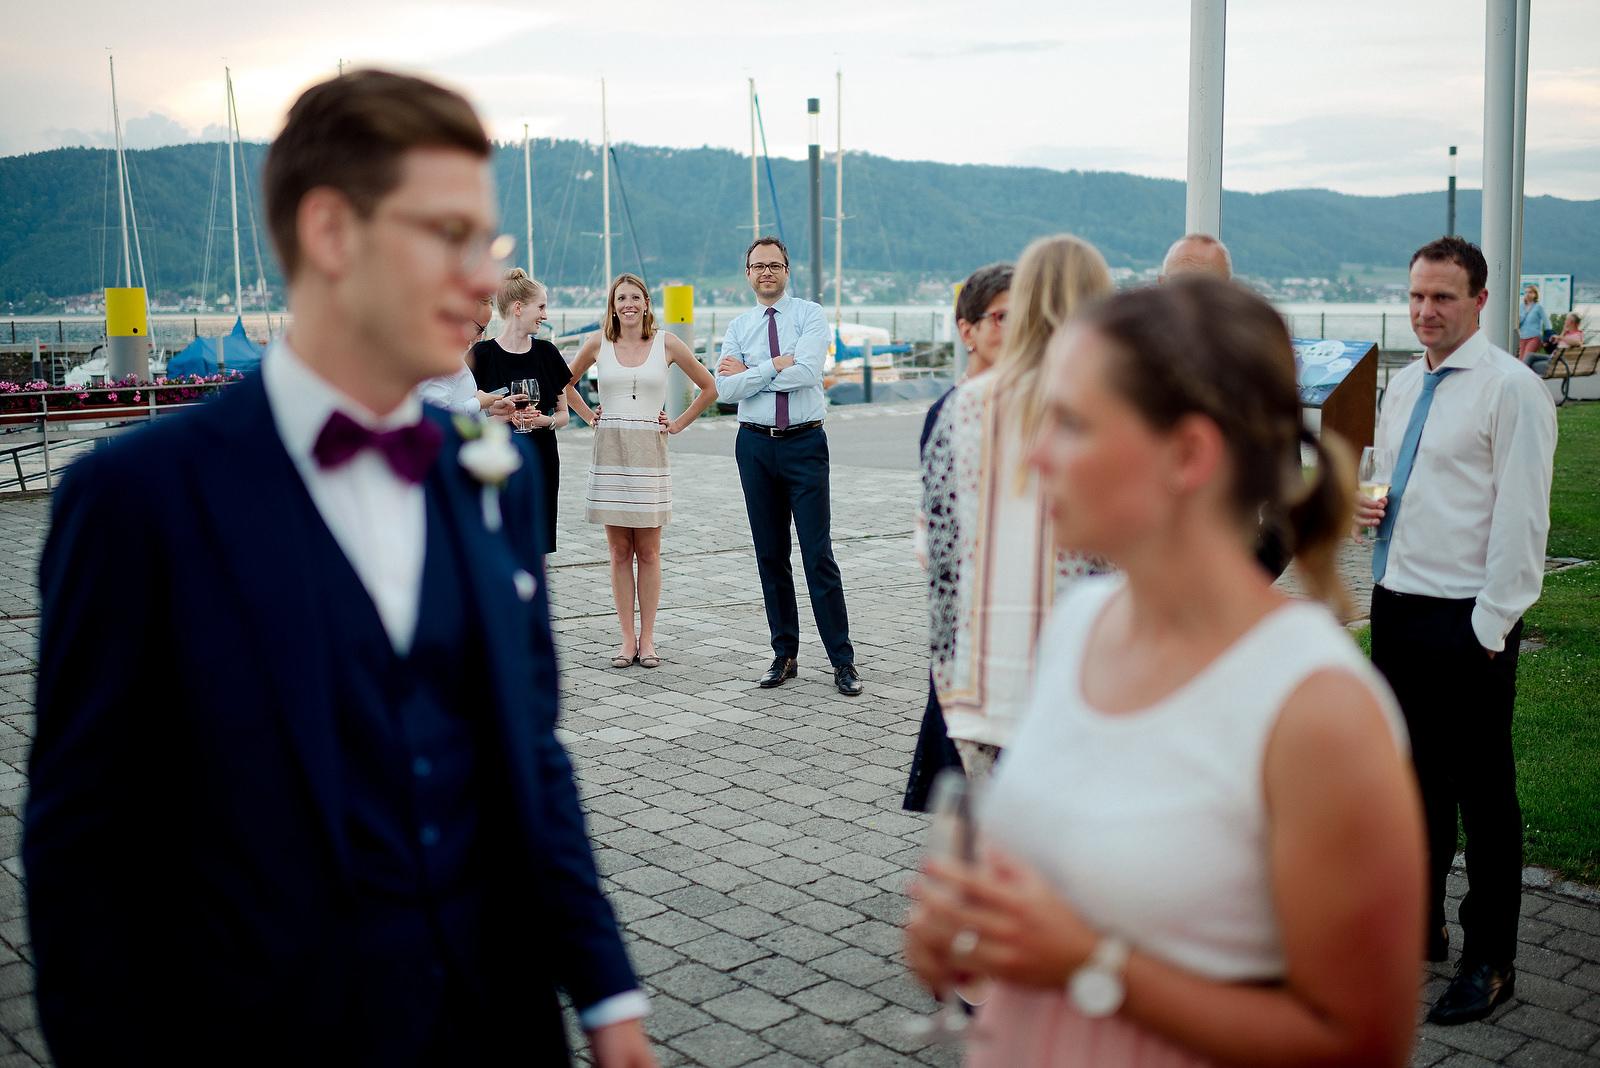 Fotograf Konstanz - Hochzeitsfotograf Bodensee Zollhaus Ludwigshafen Hochzeit Konstanz EFP 127 - Hochzeitsreportage im Zollhaus in Bodman-Ludwigshafen, Bodensee  - 231 -